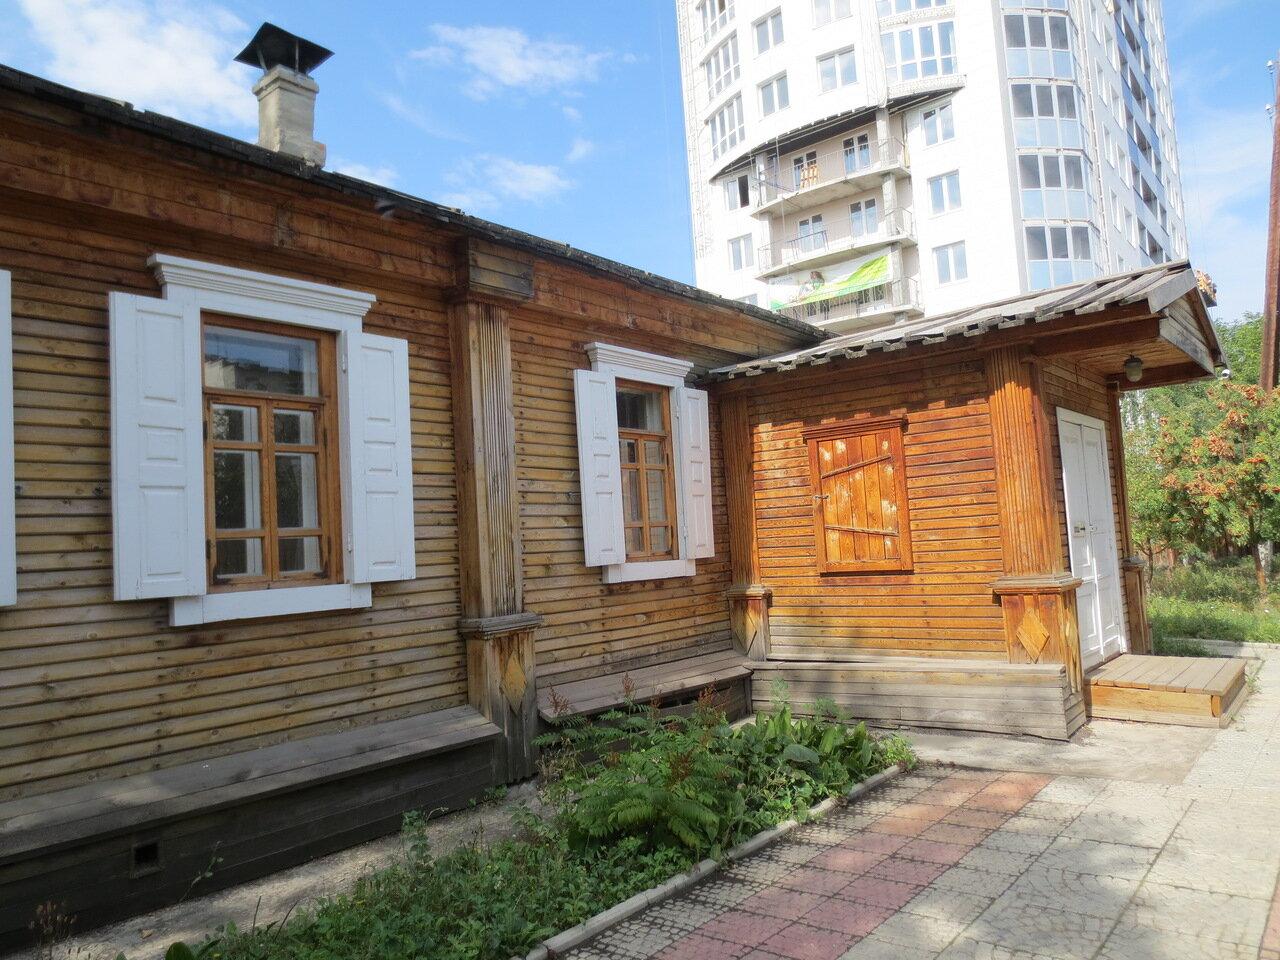 https://img-fotki.yandex.ru/get/6401/15645269.96/0_8ff21_2a9f3a26_XXXL.jpg